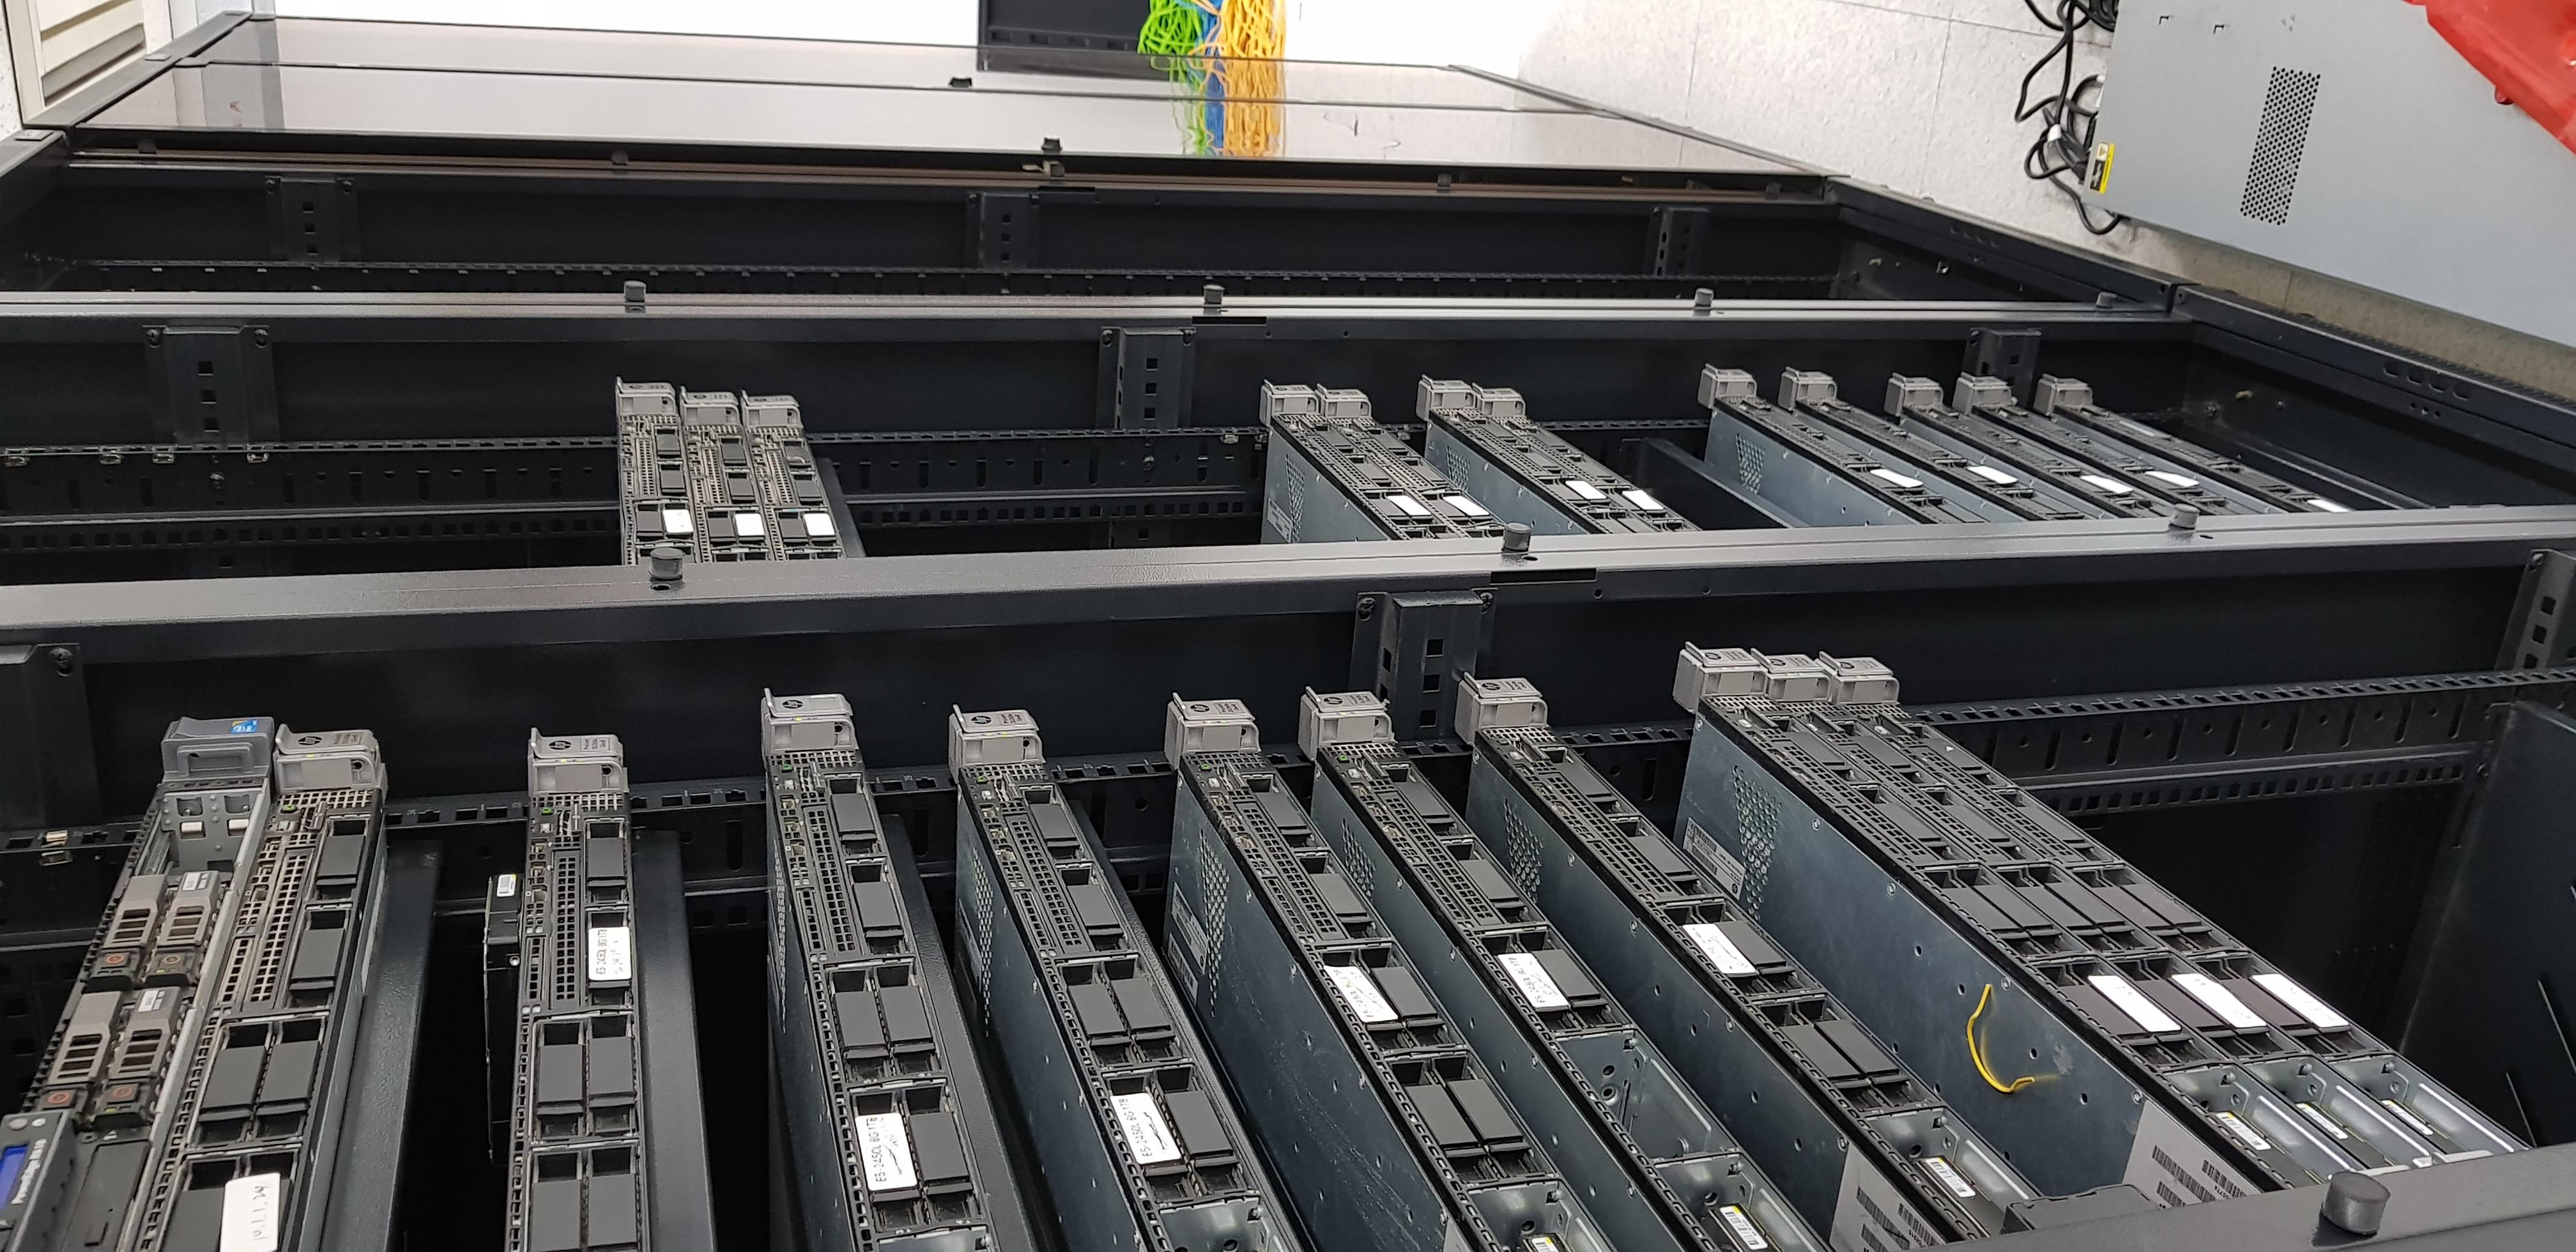 韩国高配低价服务器 32核 32G 100M带宽 400元/月 可以防御300G攻击 运营商 moack 蘑菇